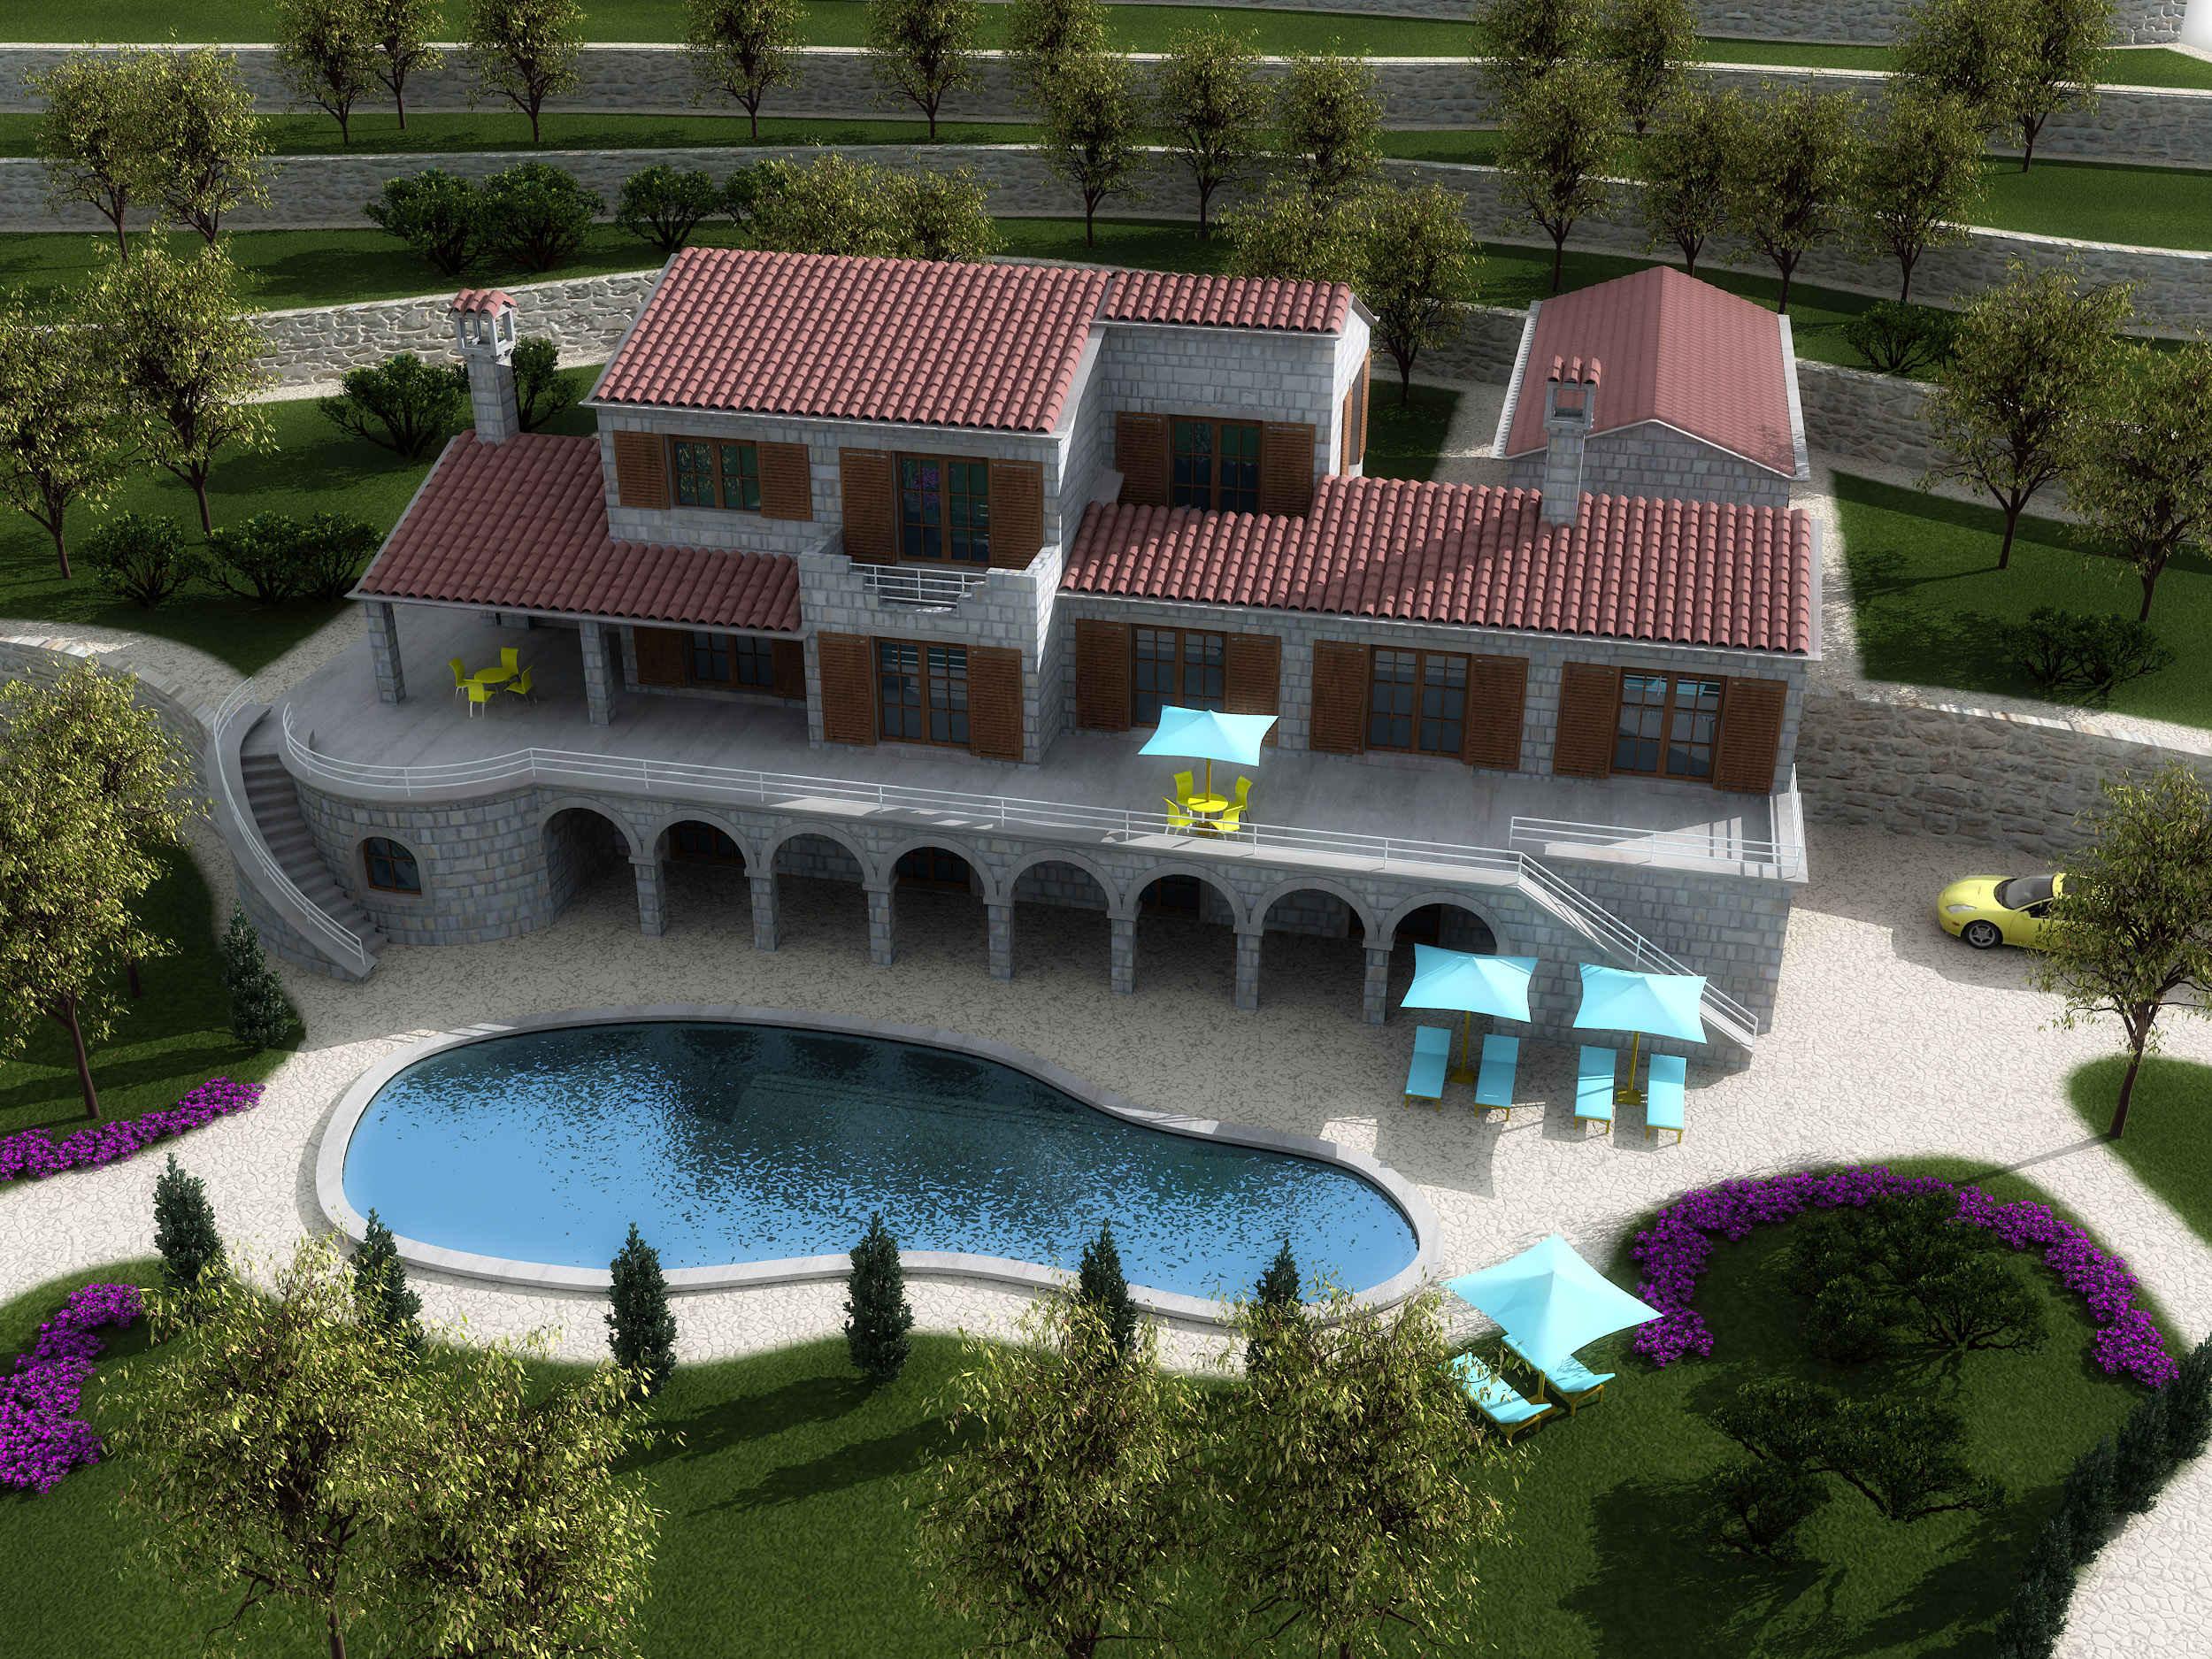 Villa Montenegro 2 | Dender Architects